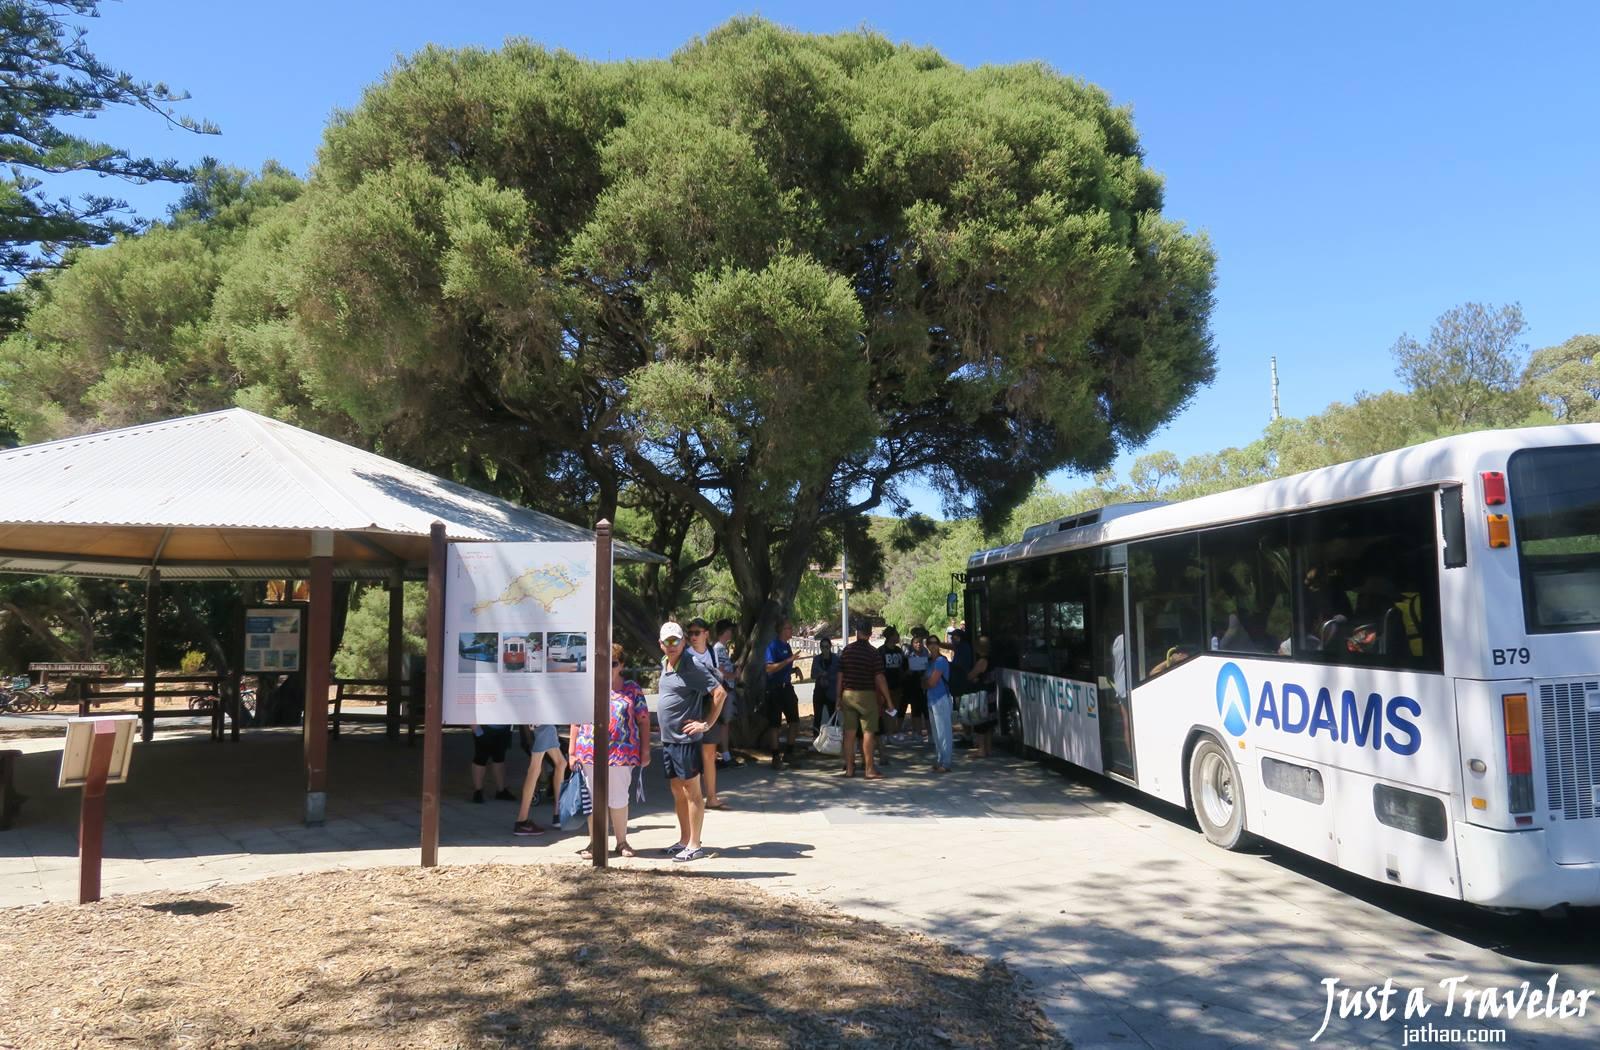 澳洲-西澳-伯斯-景點-羅特尼斯島-Rottnest Island-巴士-公車-推薦-自由行-交通-旅遊-遊記-攻略-行程-一日遊-二日遊-必玩-必遊-Perth